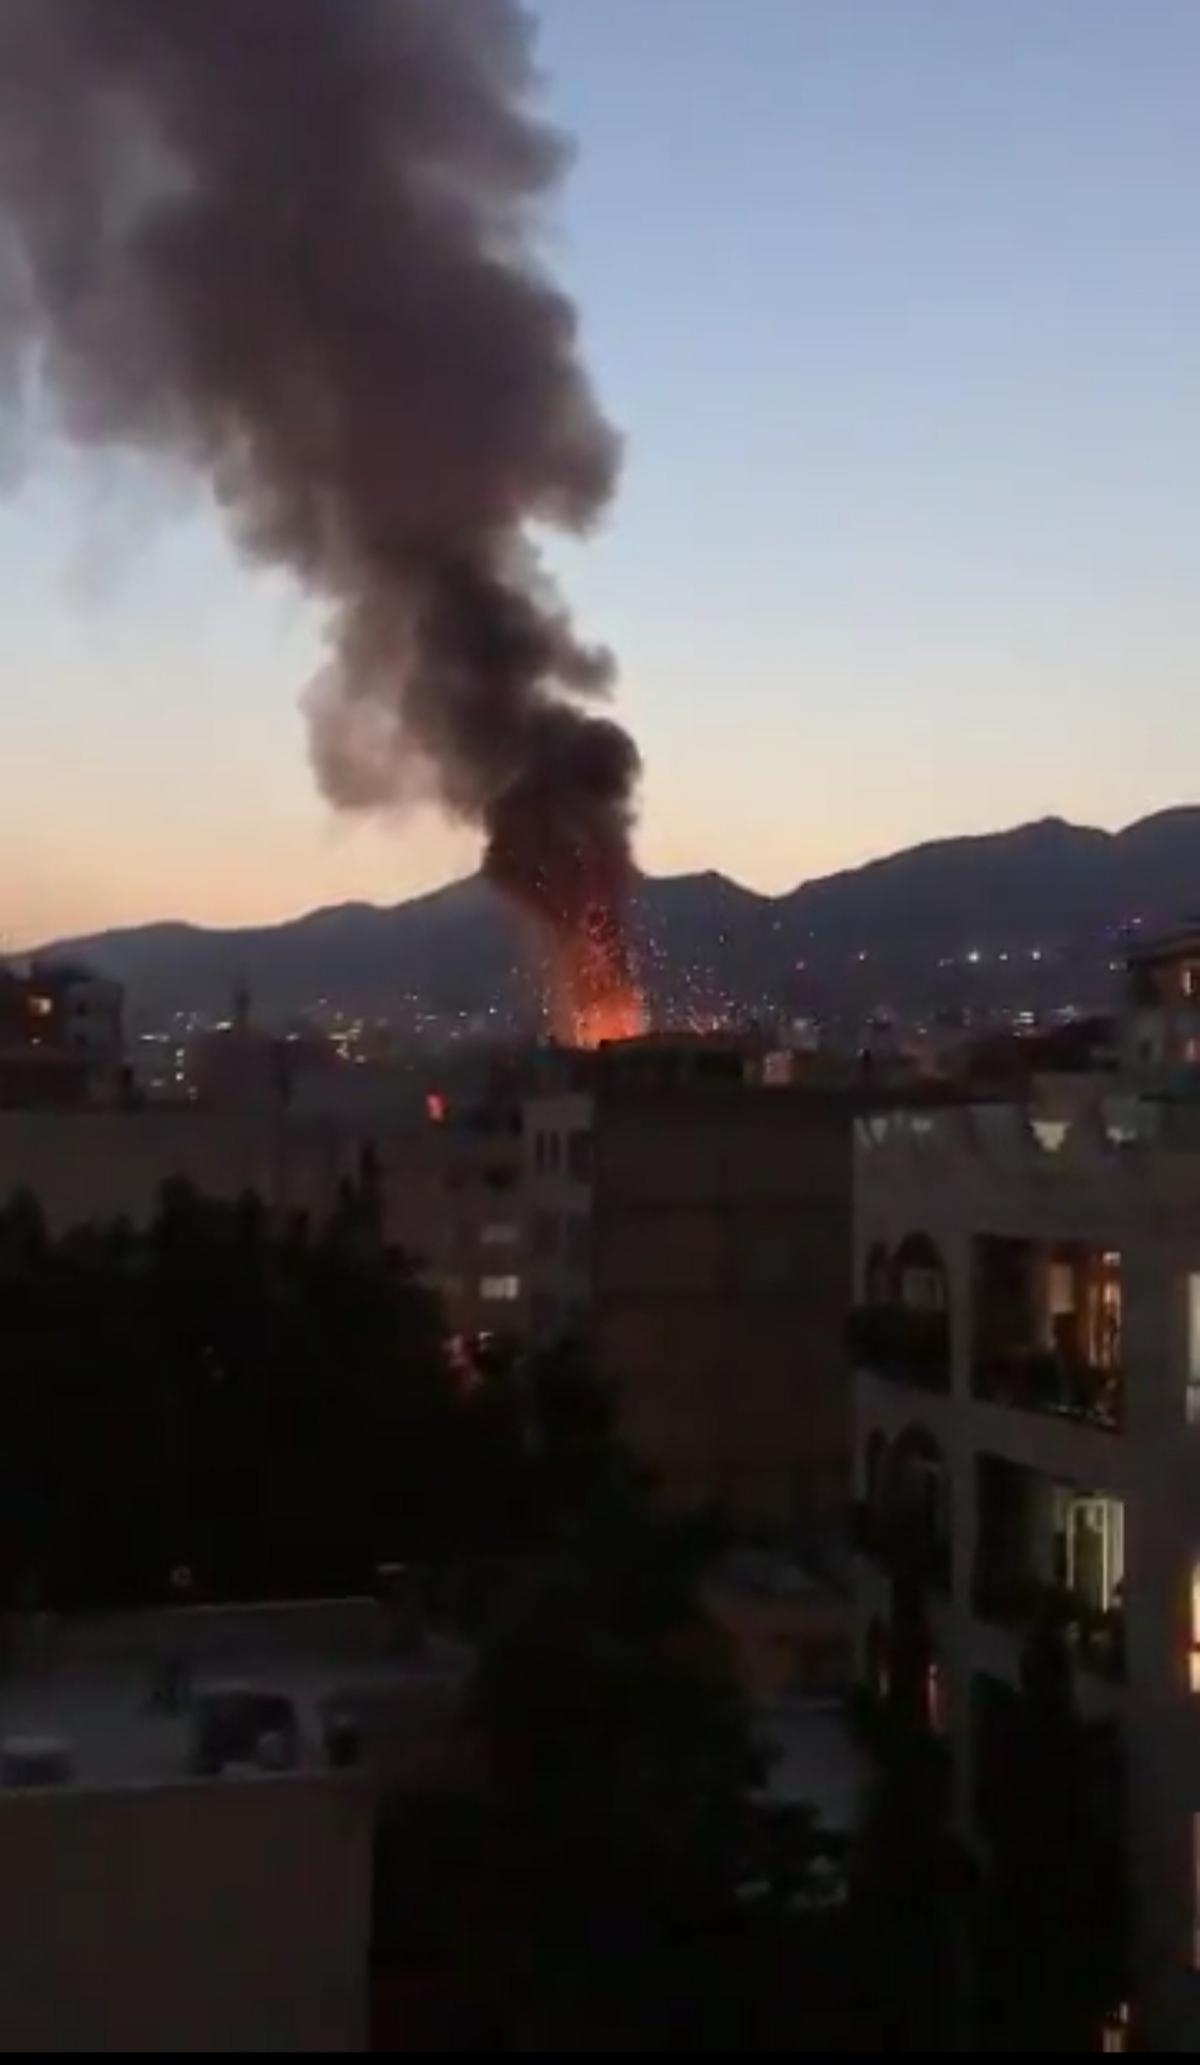 شنیده شدن صدای انفجار در شمال تهران + ویدئو